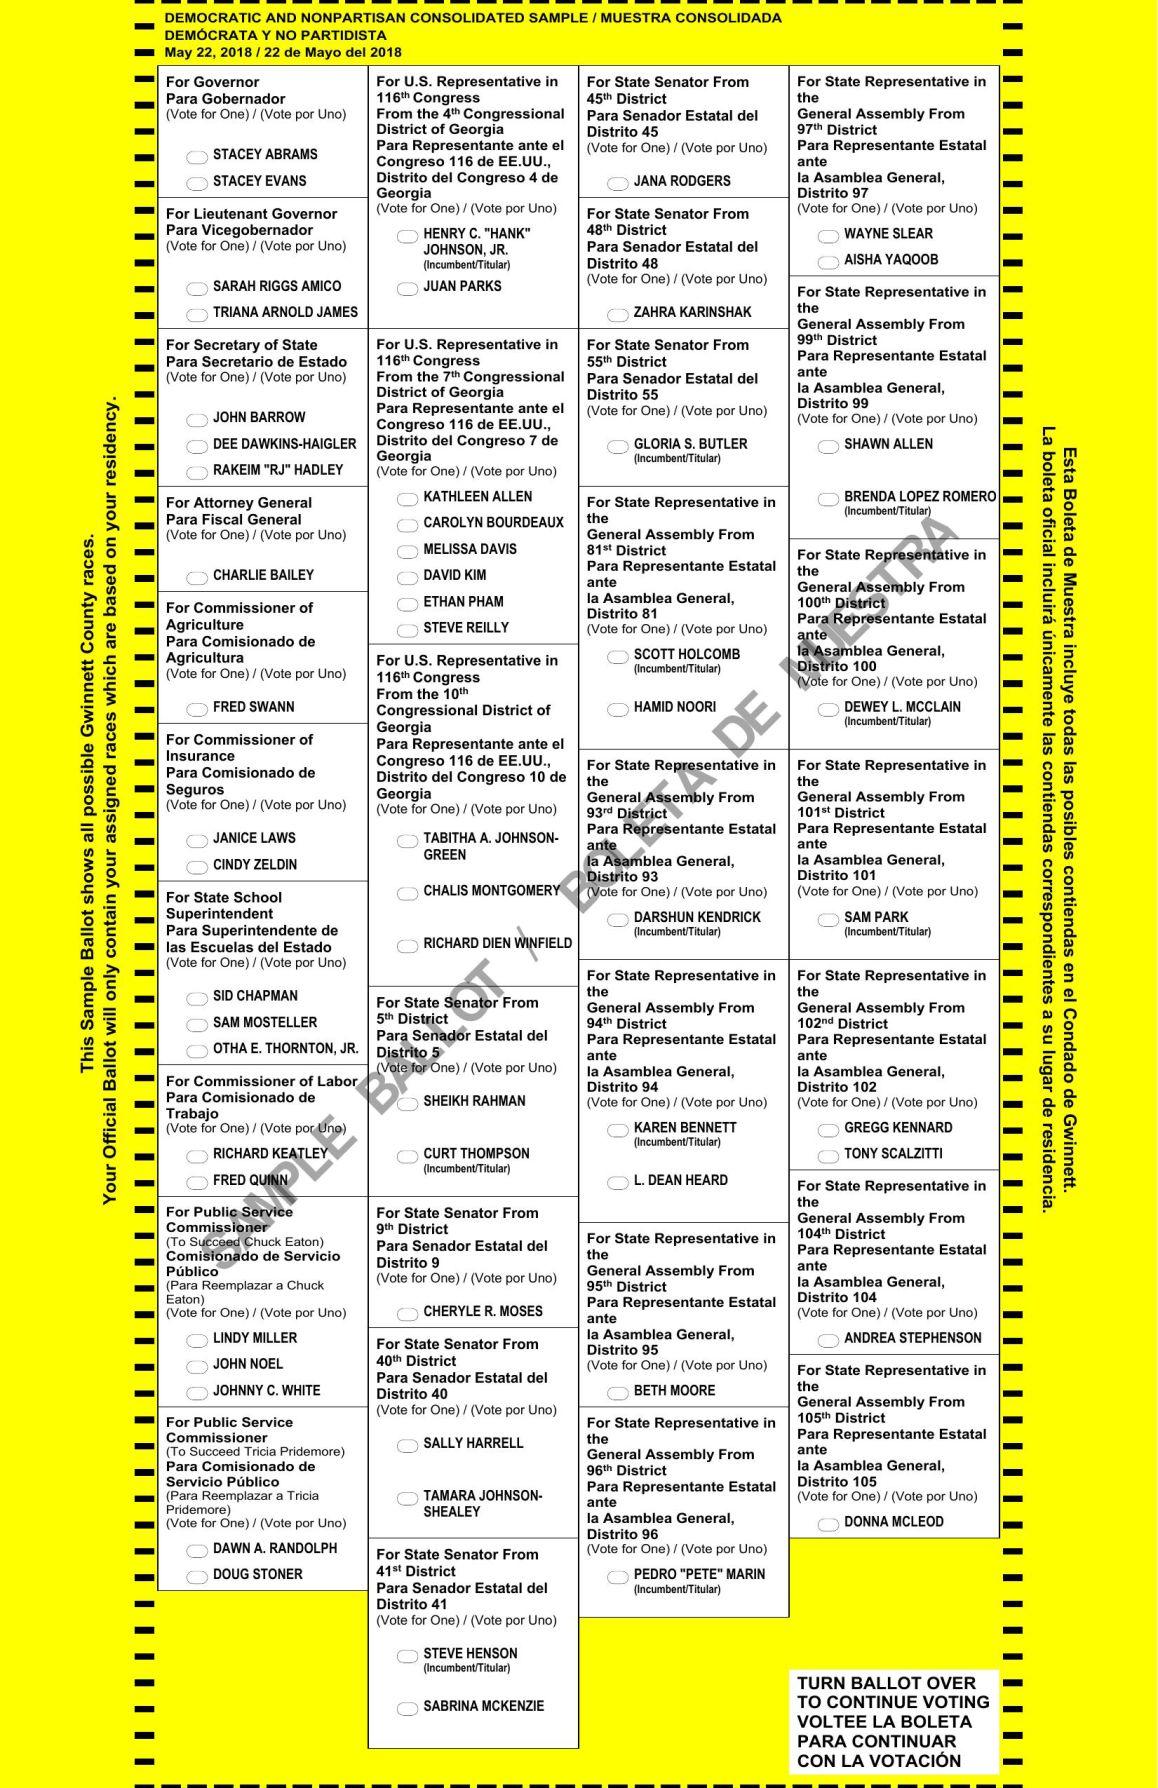 Gordon county sample ballot for nov. 6 general election.